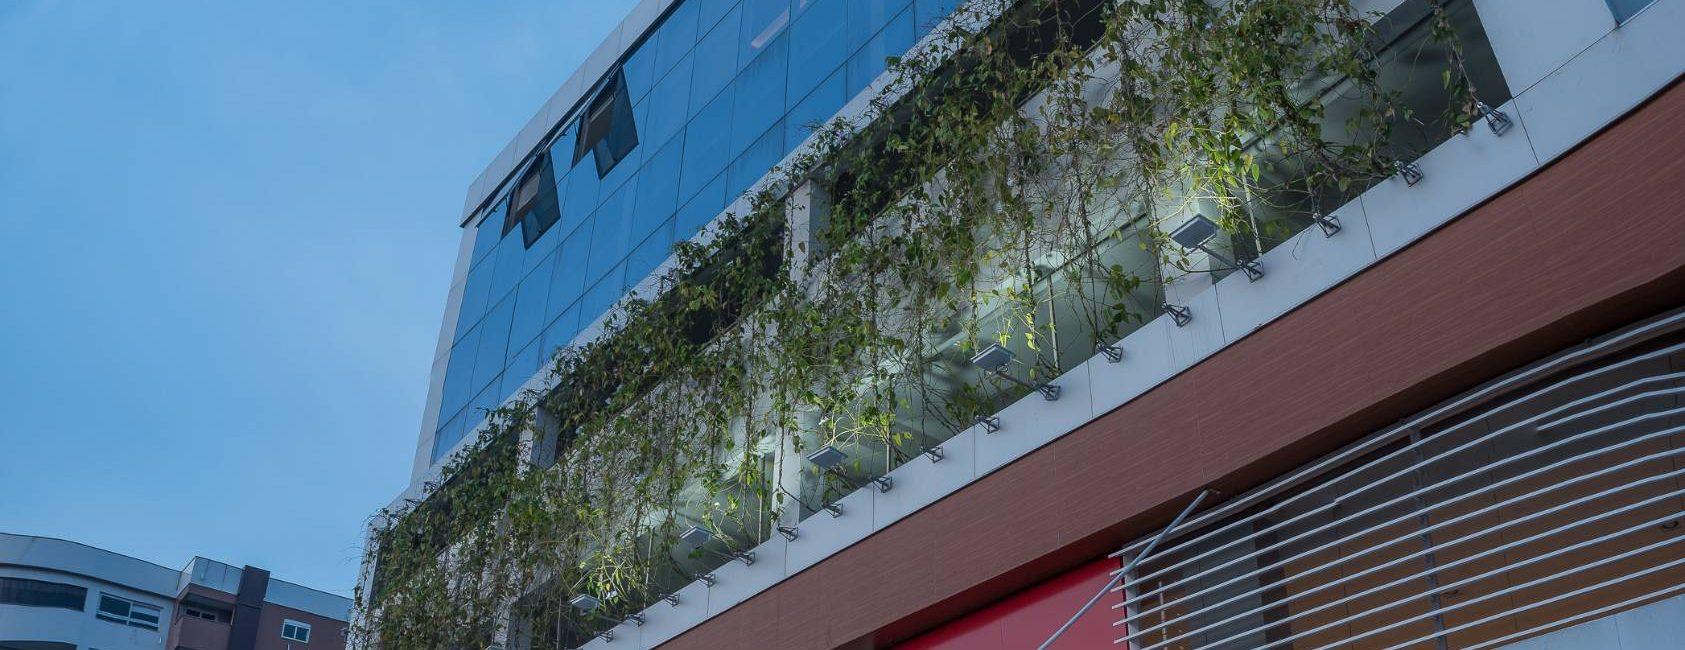 Brise Vegetal para Fachadas Verdes Prédio